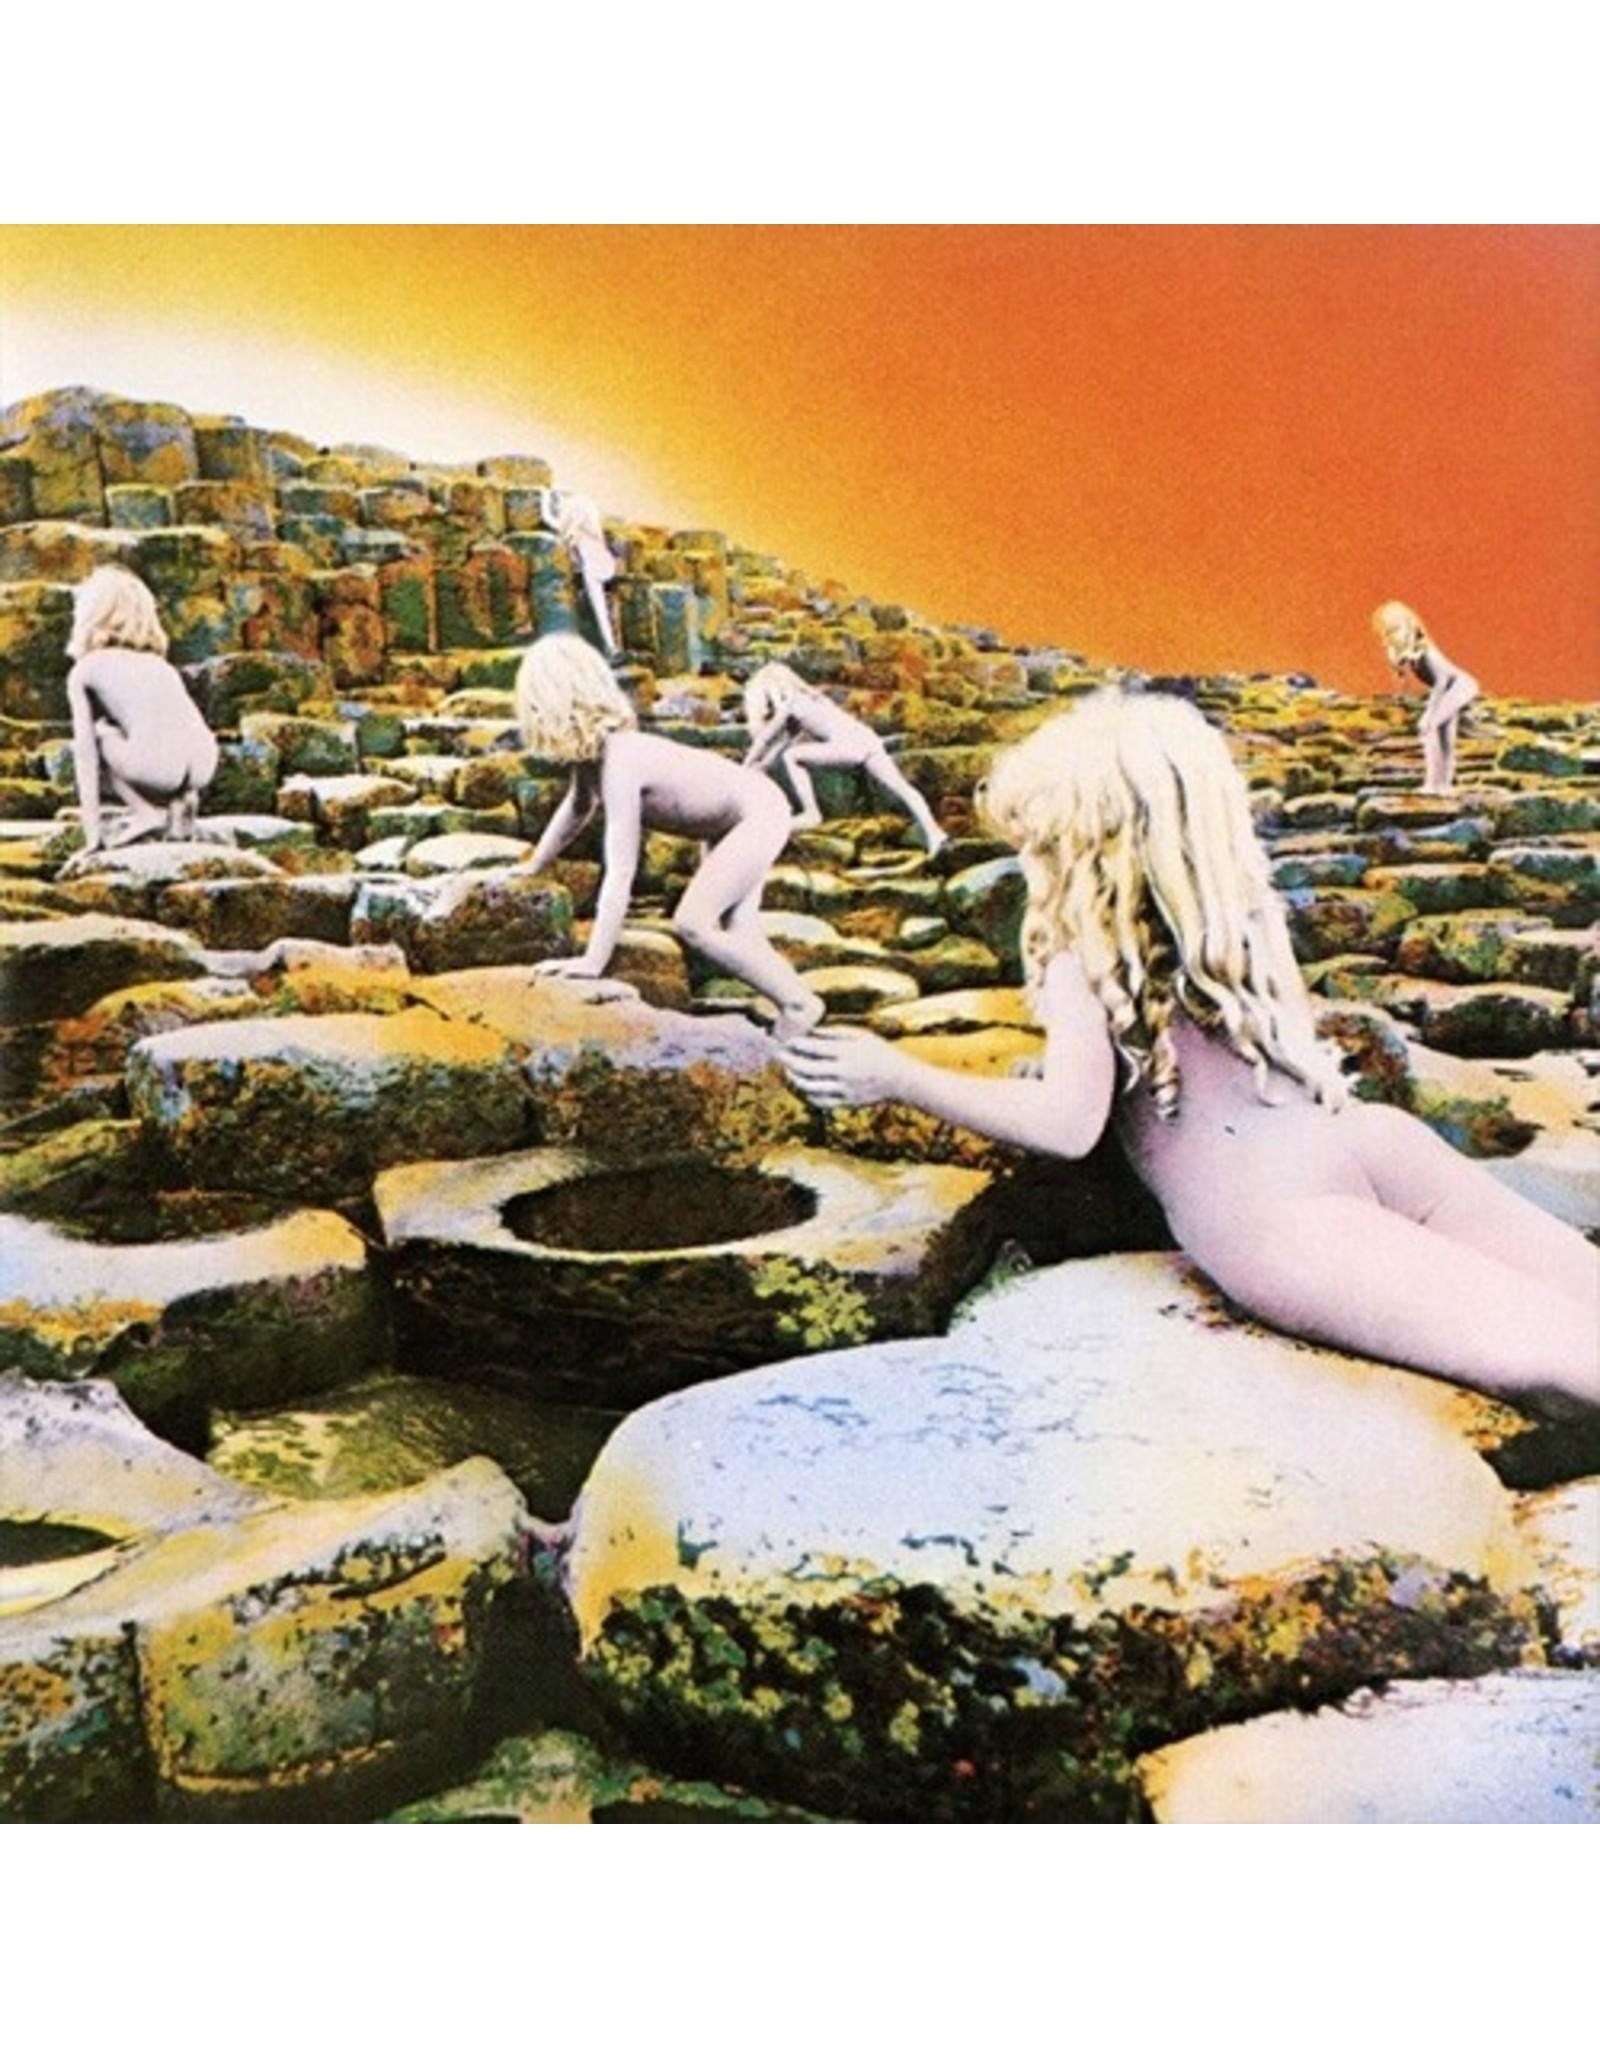 New Vinyl Led Zeppelin - Houses Of The Holy LP